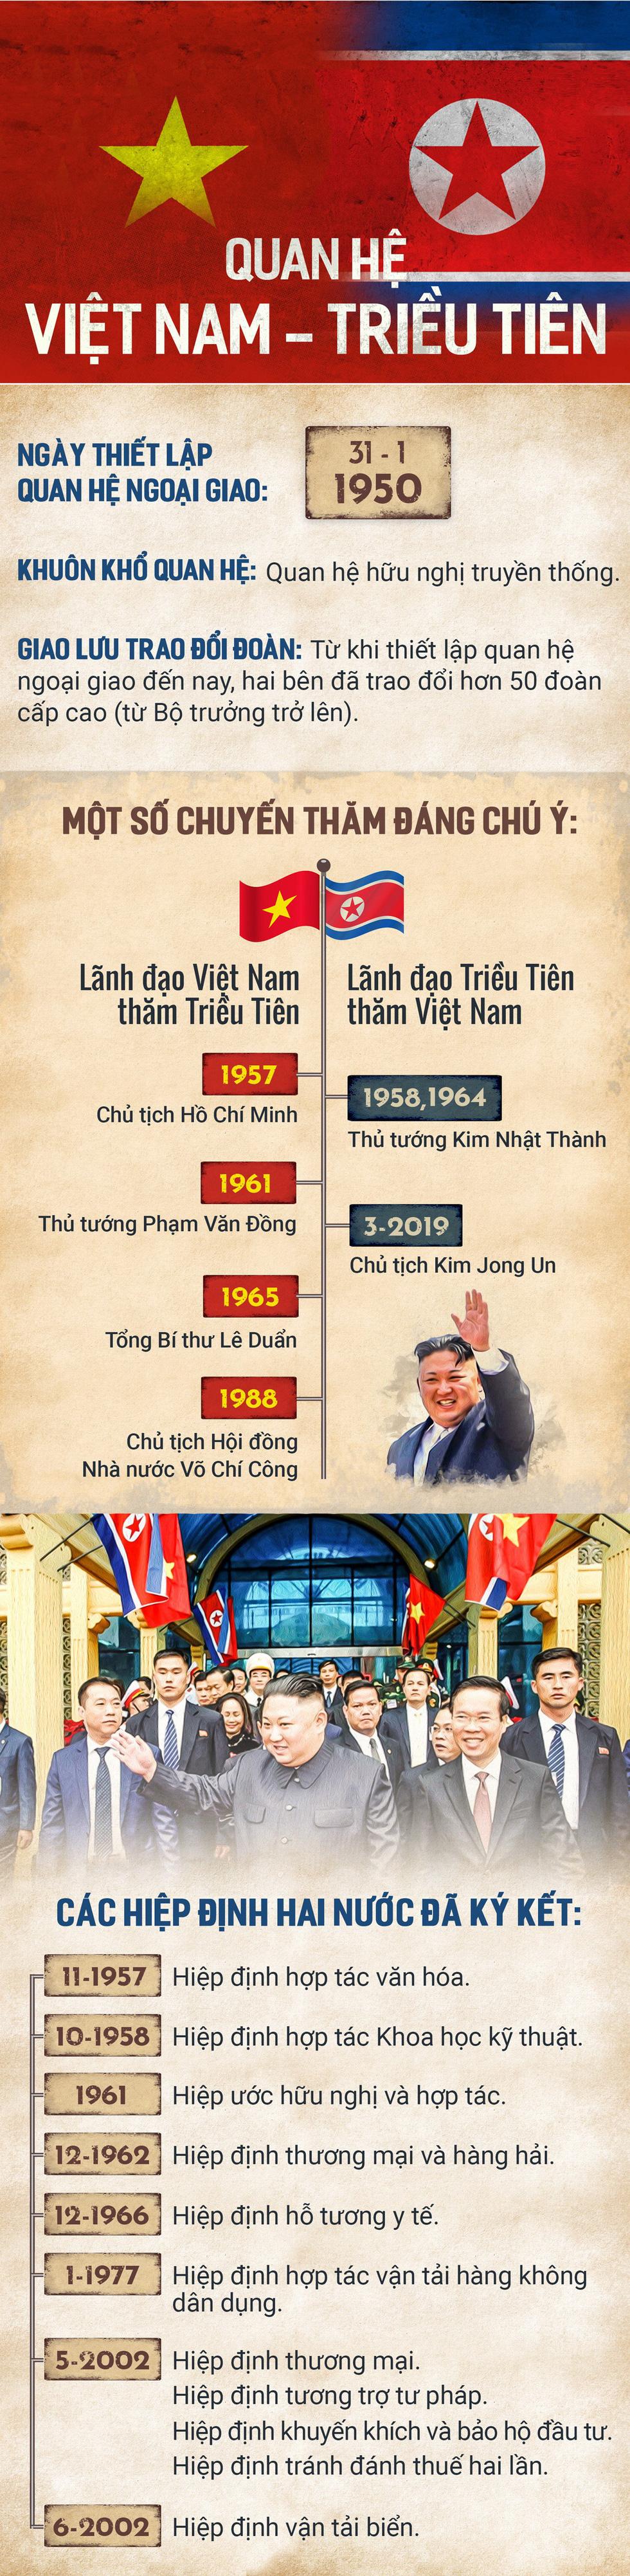 Chủ tịch Triều Tiên Kim Jong Un bắt đầu thăm Việt Nam - Ảnh 1.